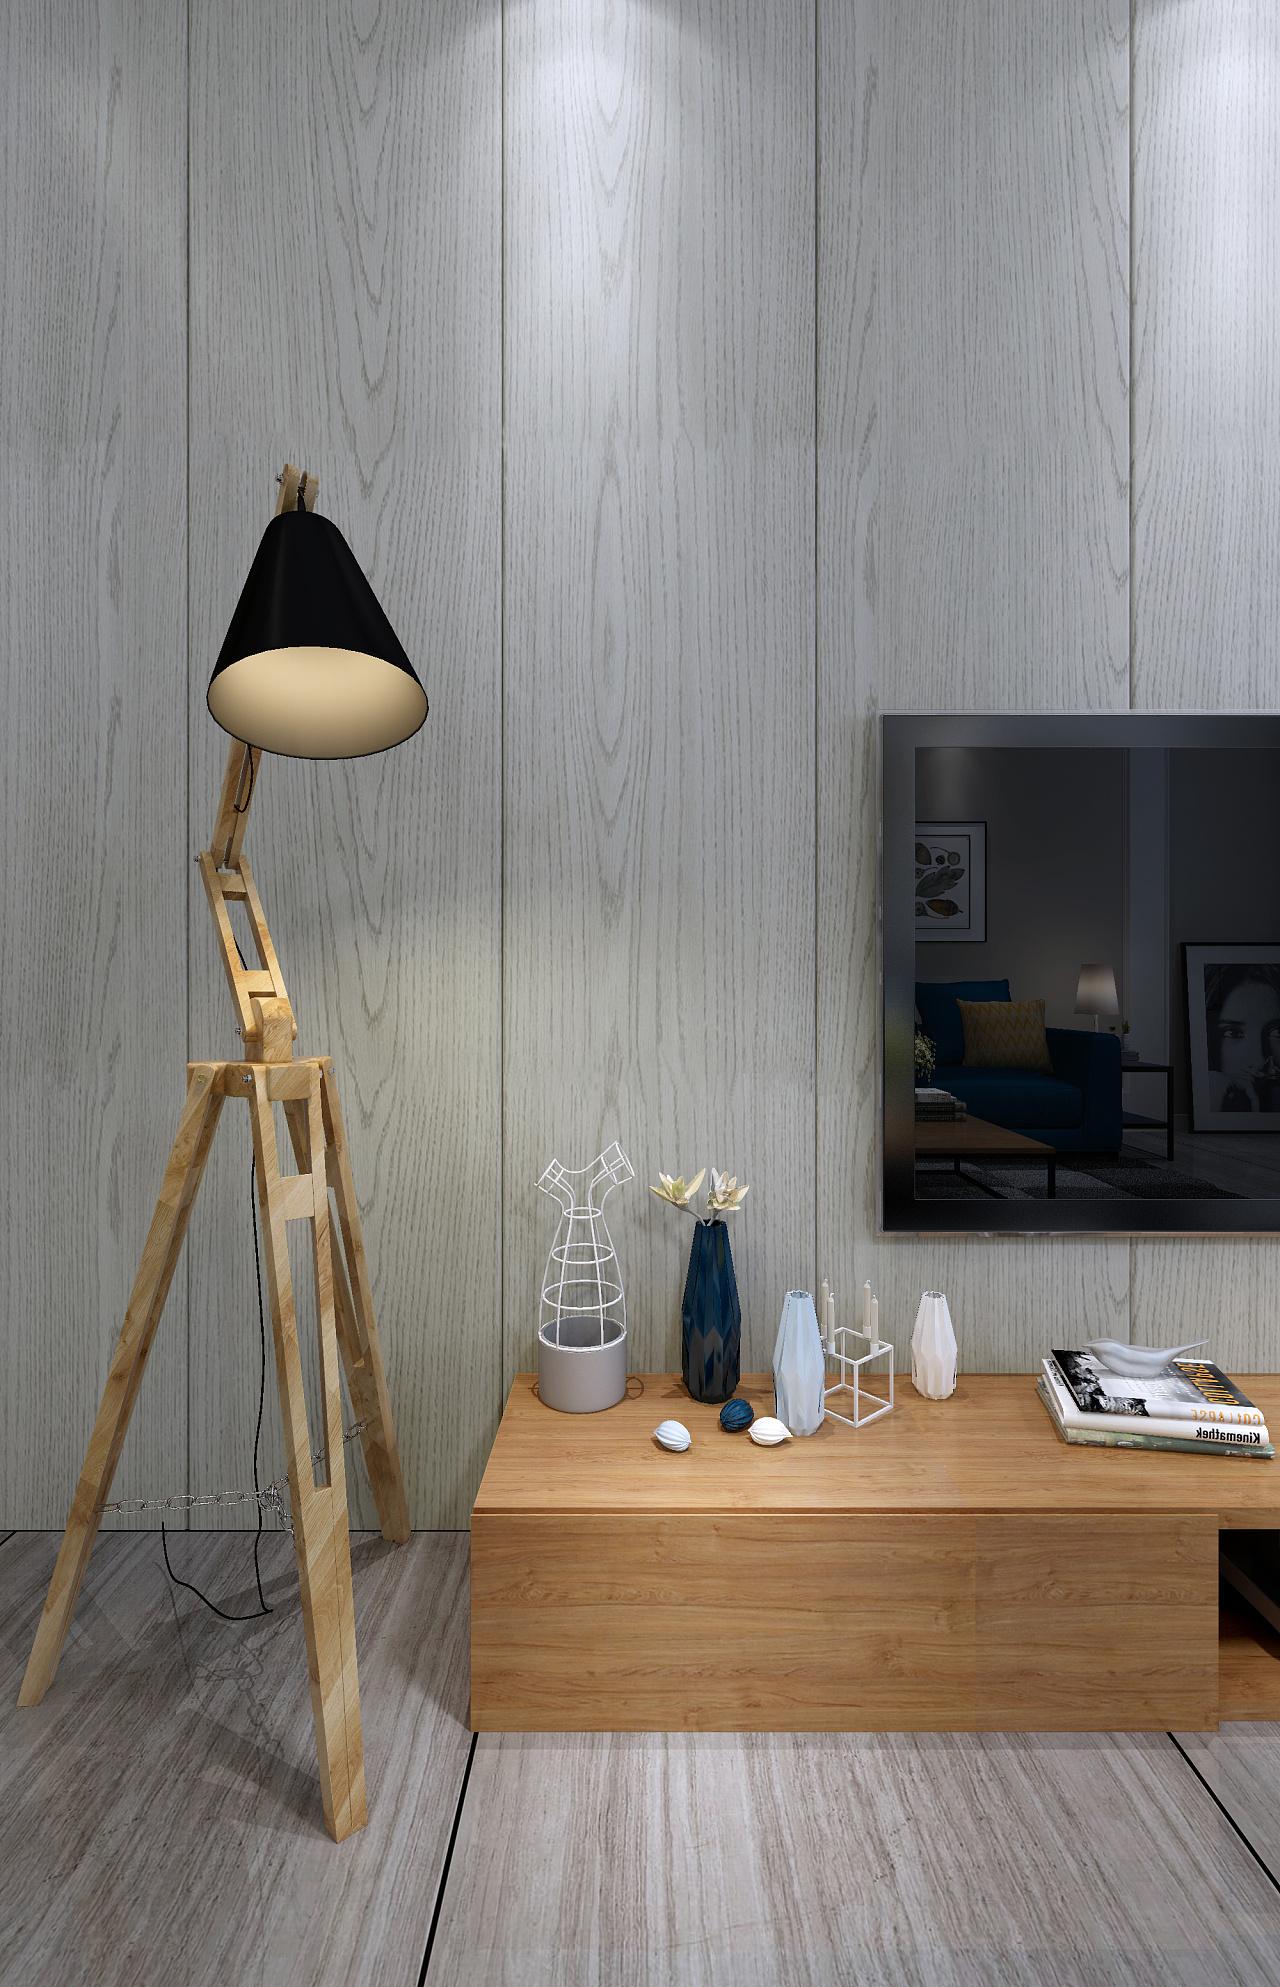 北欧风格小户型|空间|室内设计|lcsk - 原创作品